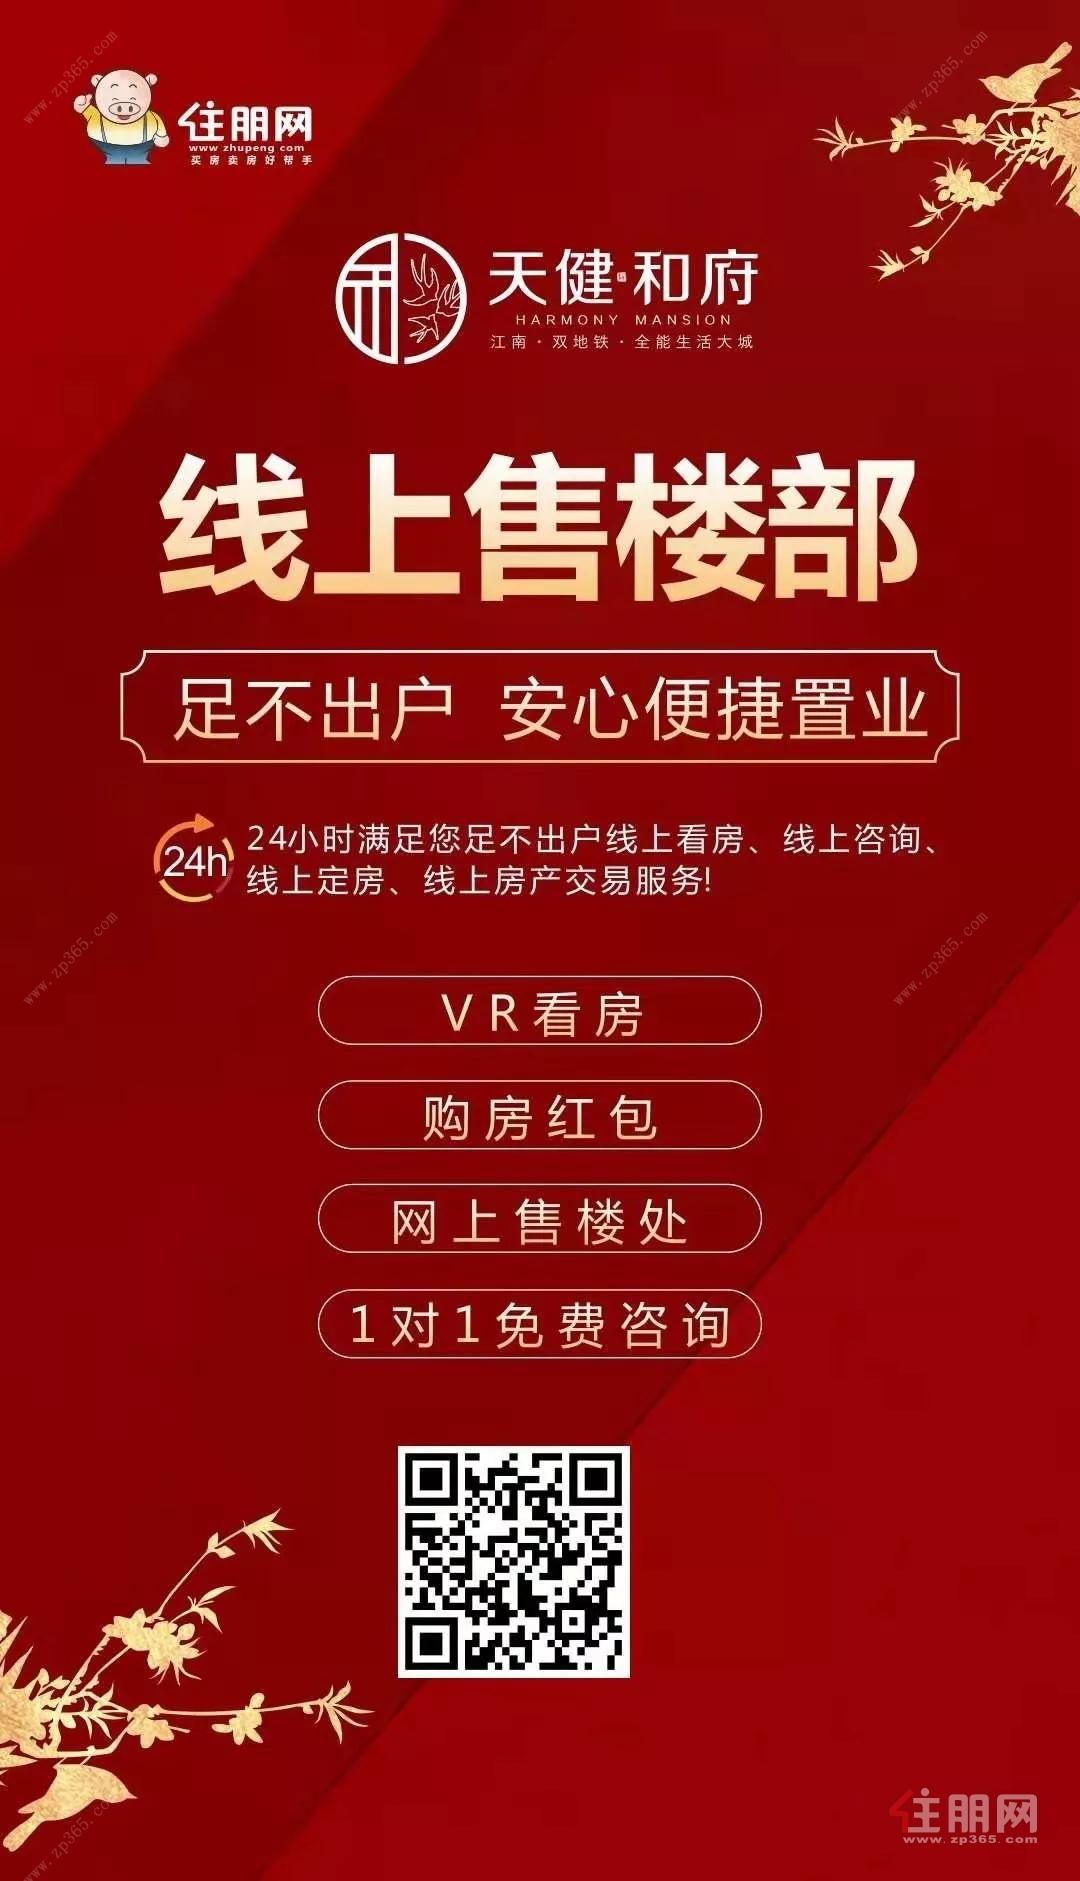 天健和府2.webp.jpg